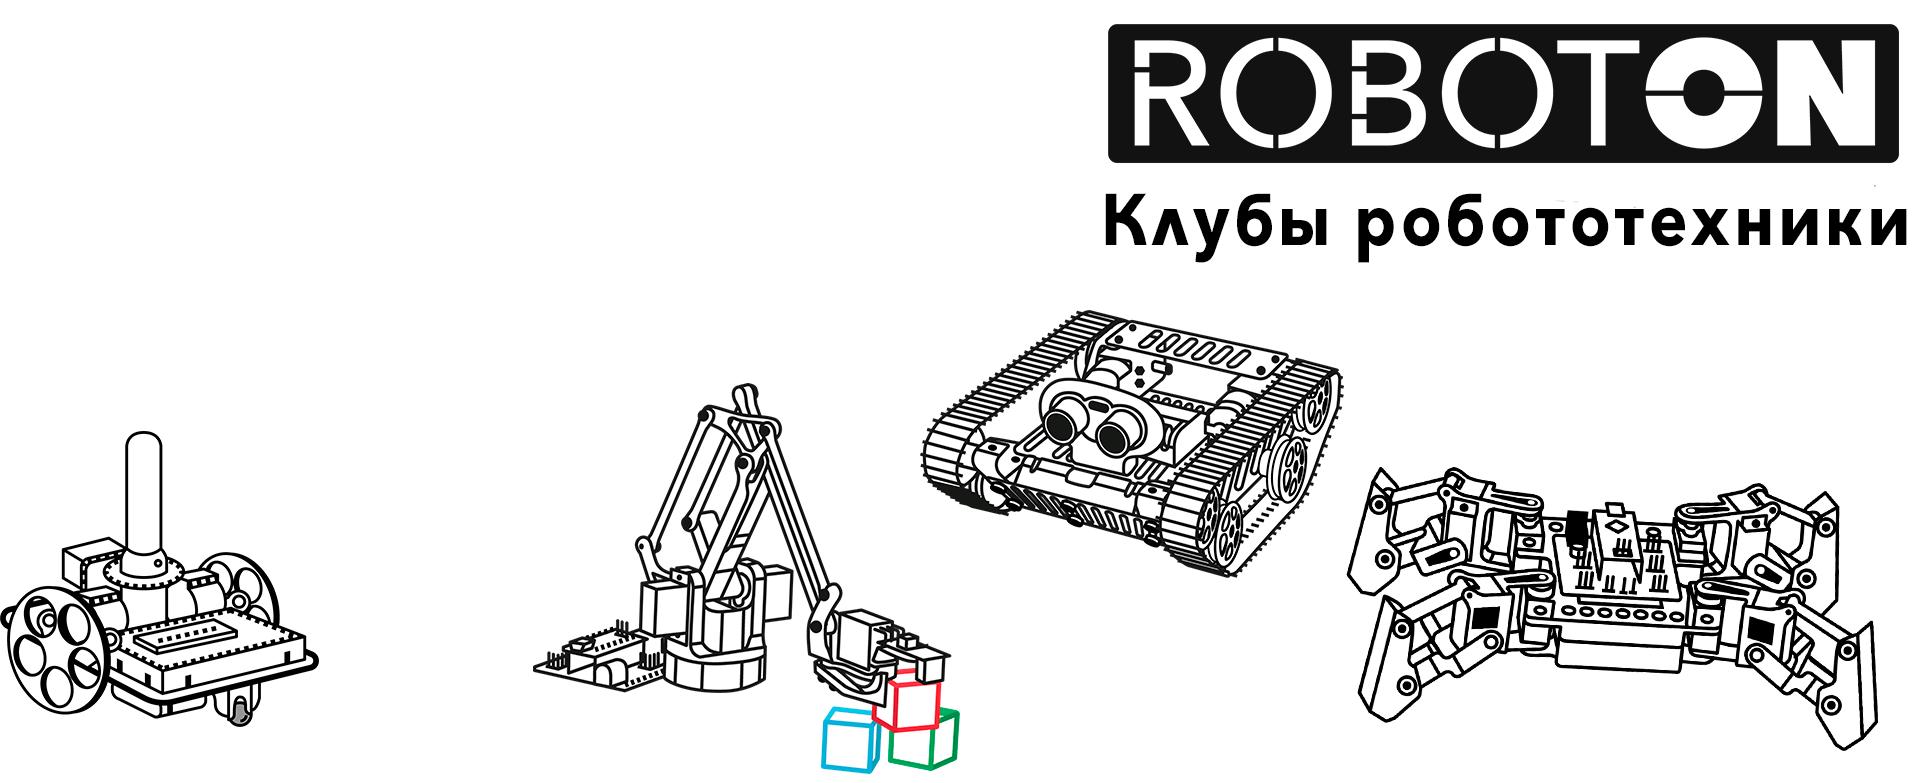 Запись в кружок робототехники